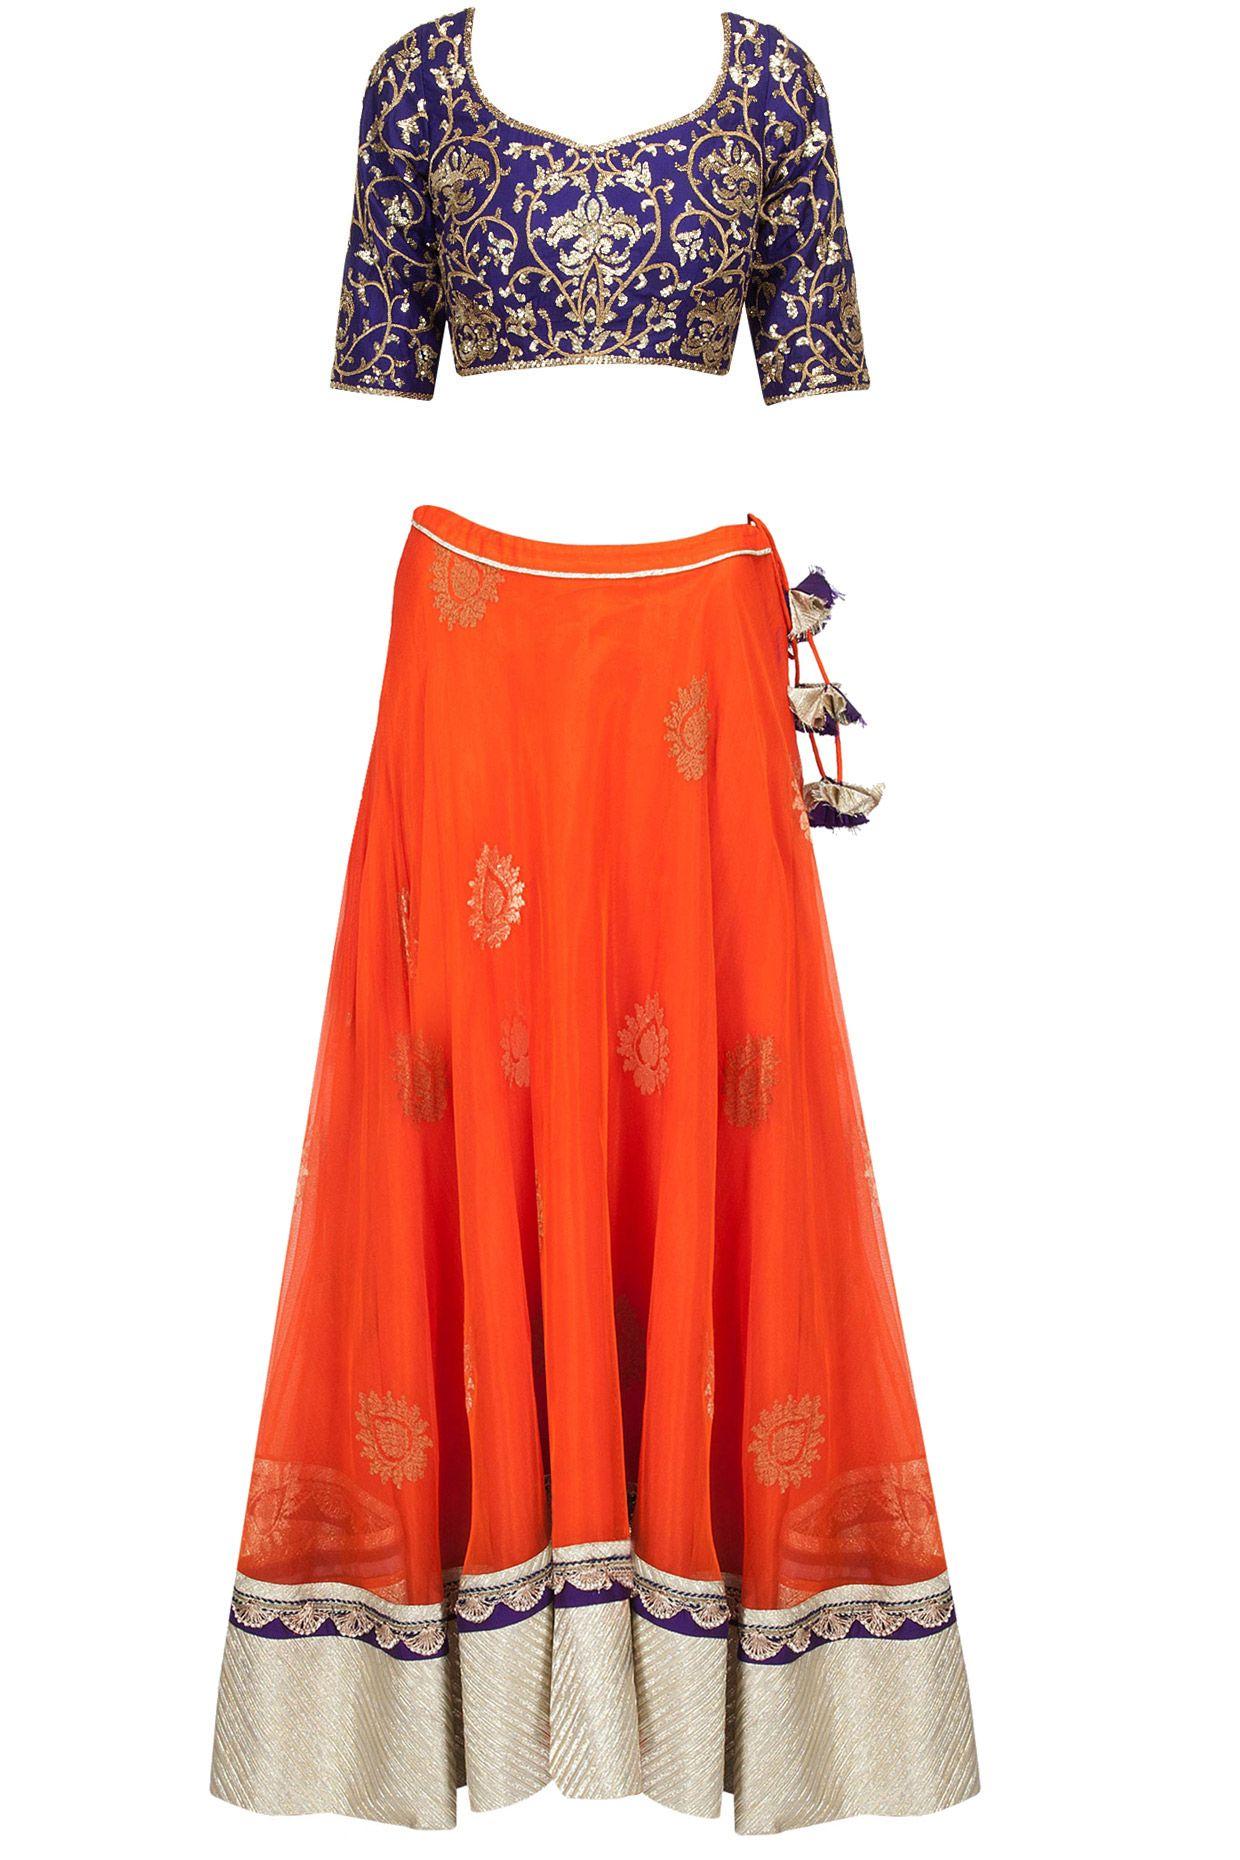 Royal blue embroidered blouse with orange banarasi net lehenga